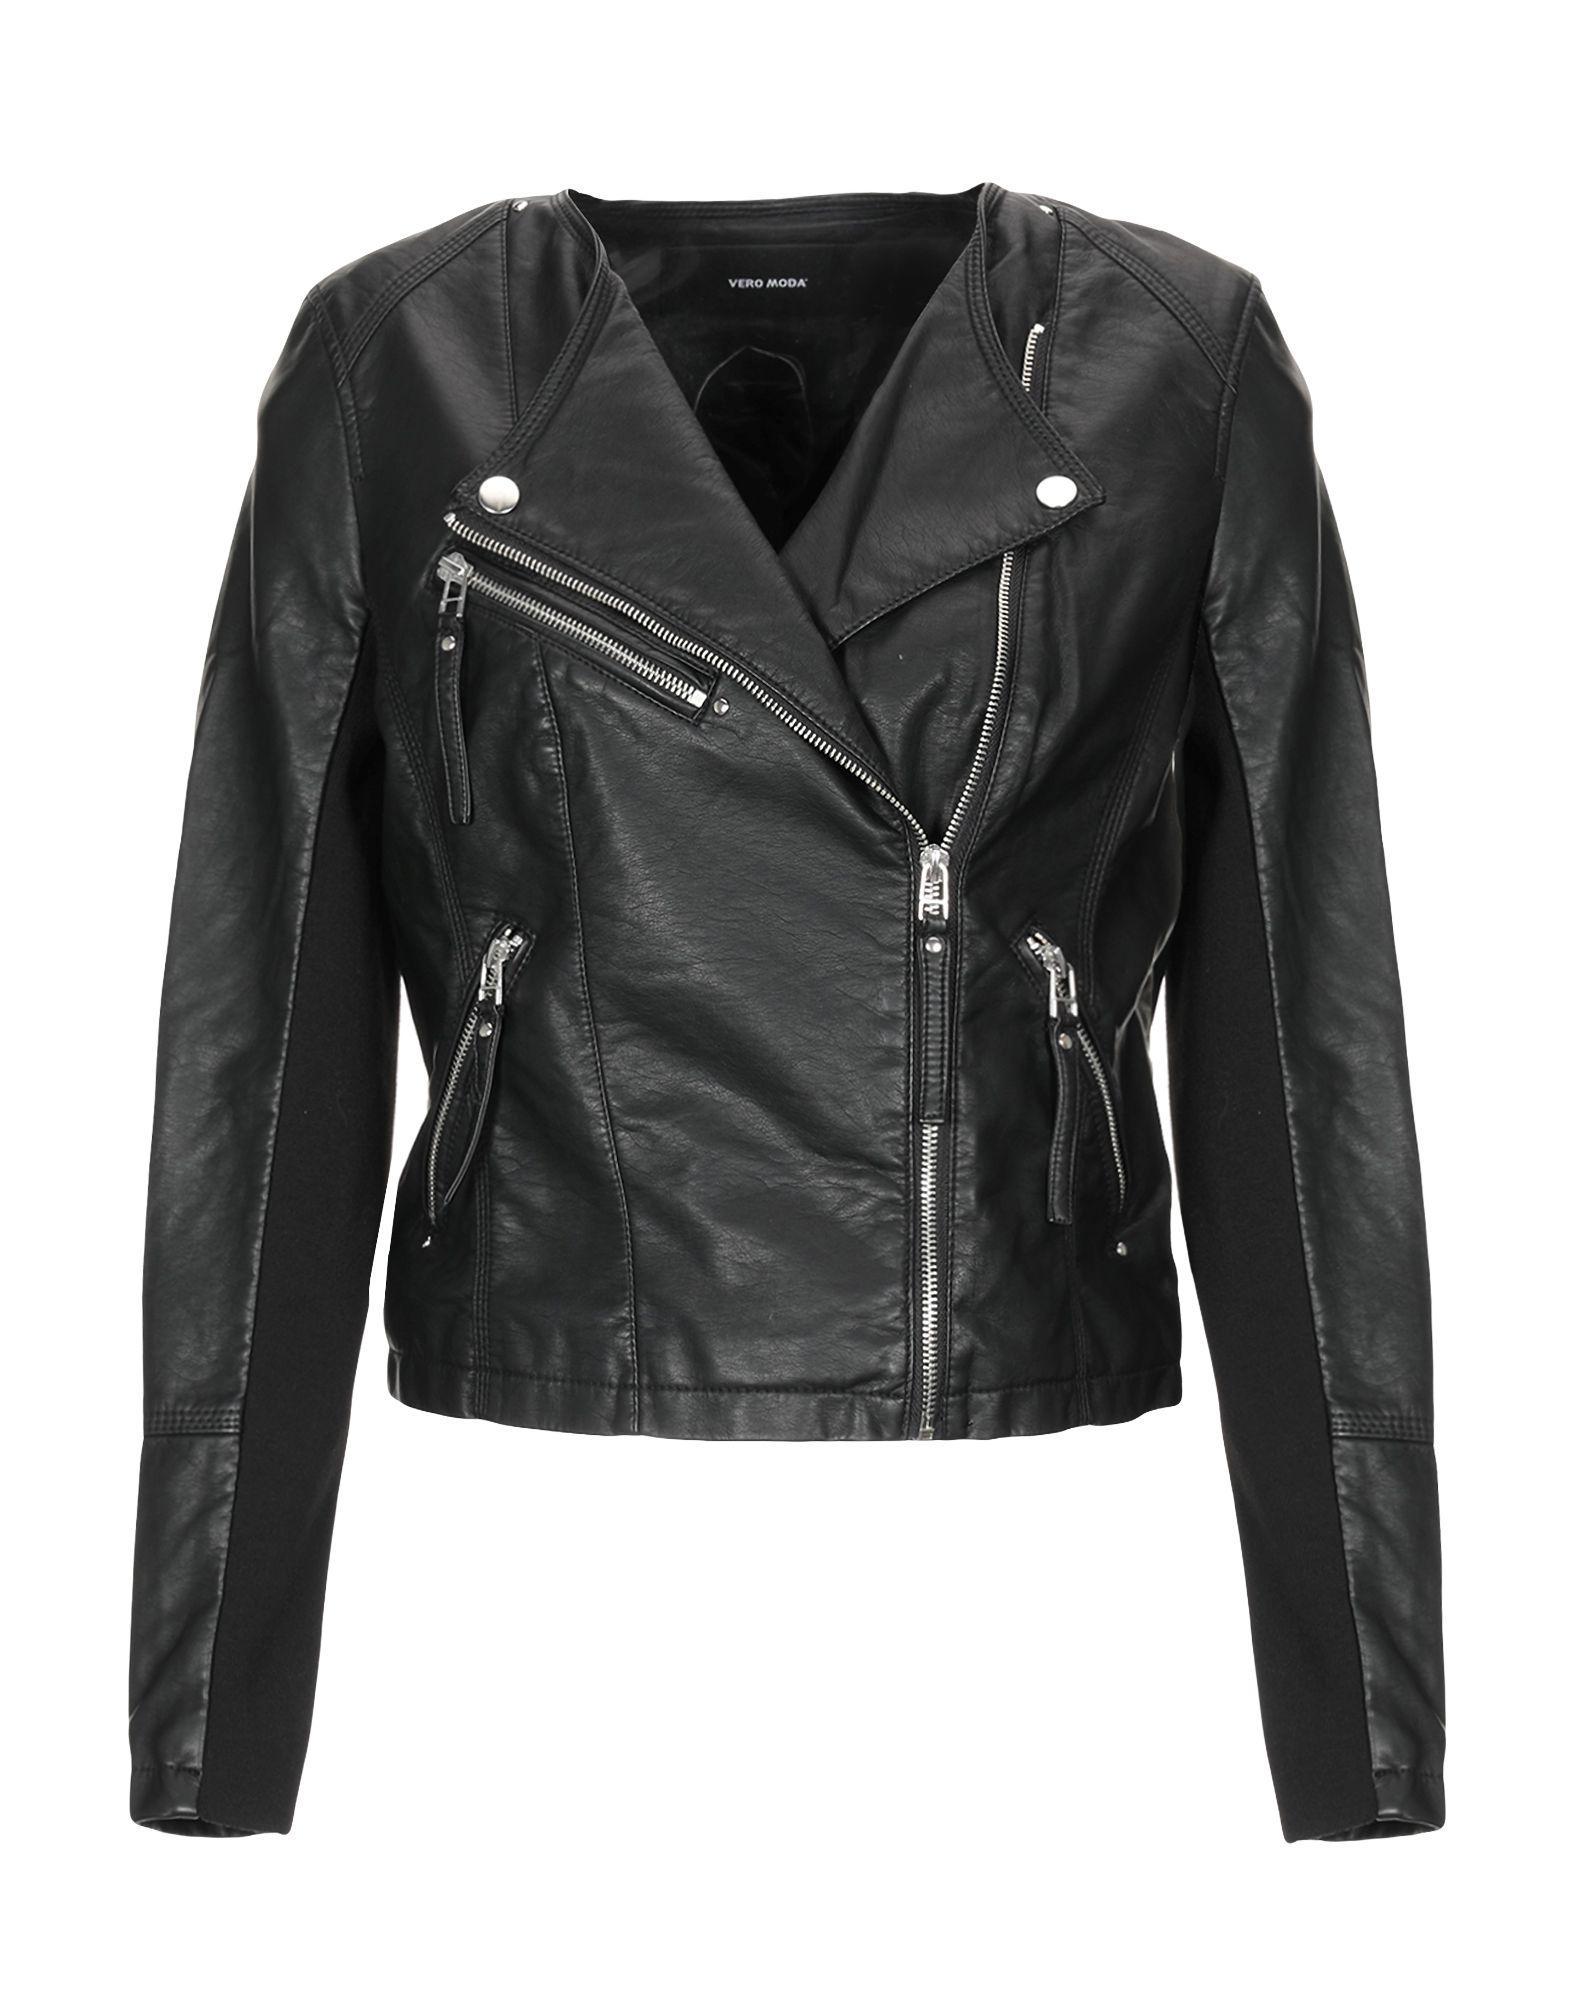 Куртка  - Красный,Черный цвет